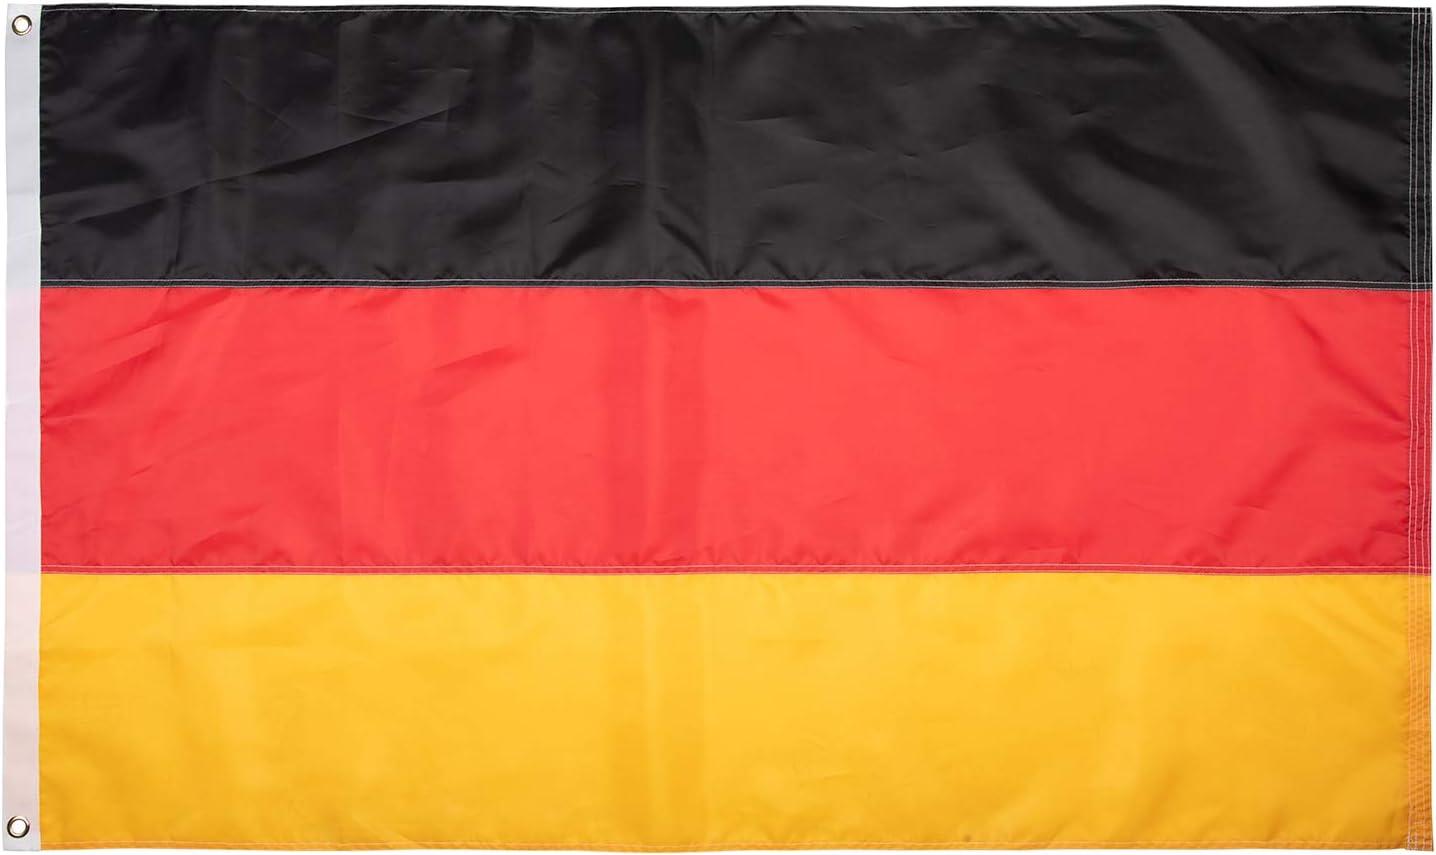 Lixure Bandera de Alemania 5x3 Días Ventosos 5x3ft (150x90cm) Bandera Nacional Nylon 210D Duradero para Exteriores/Interiores Bandera de Decoración ...